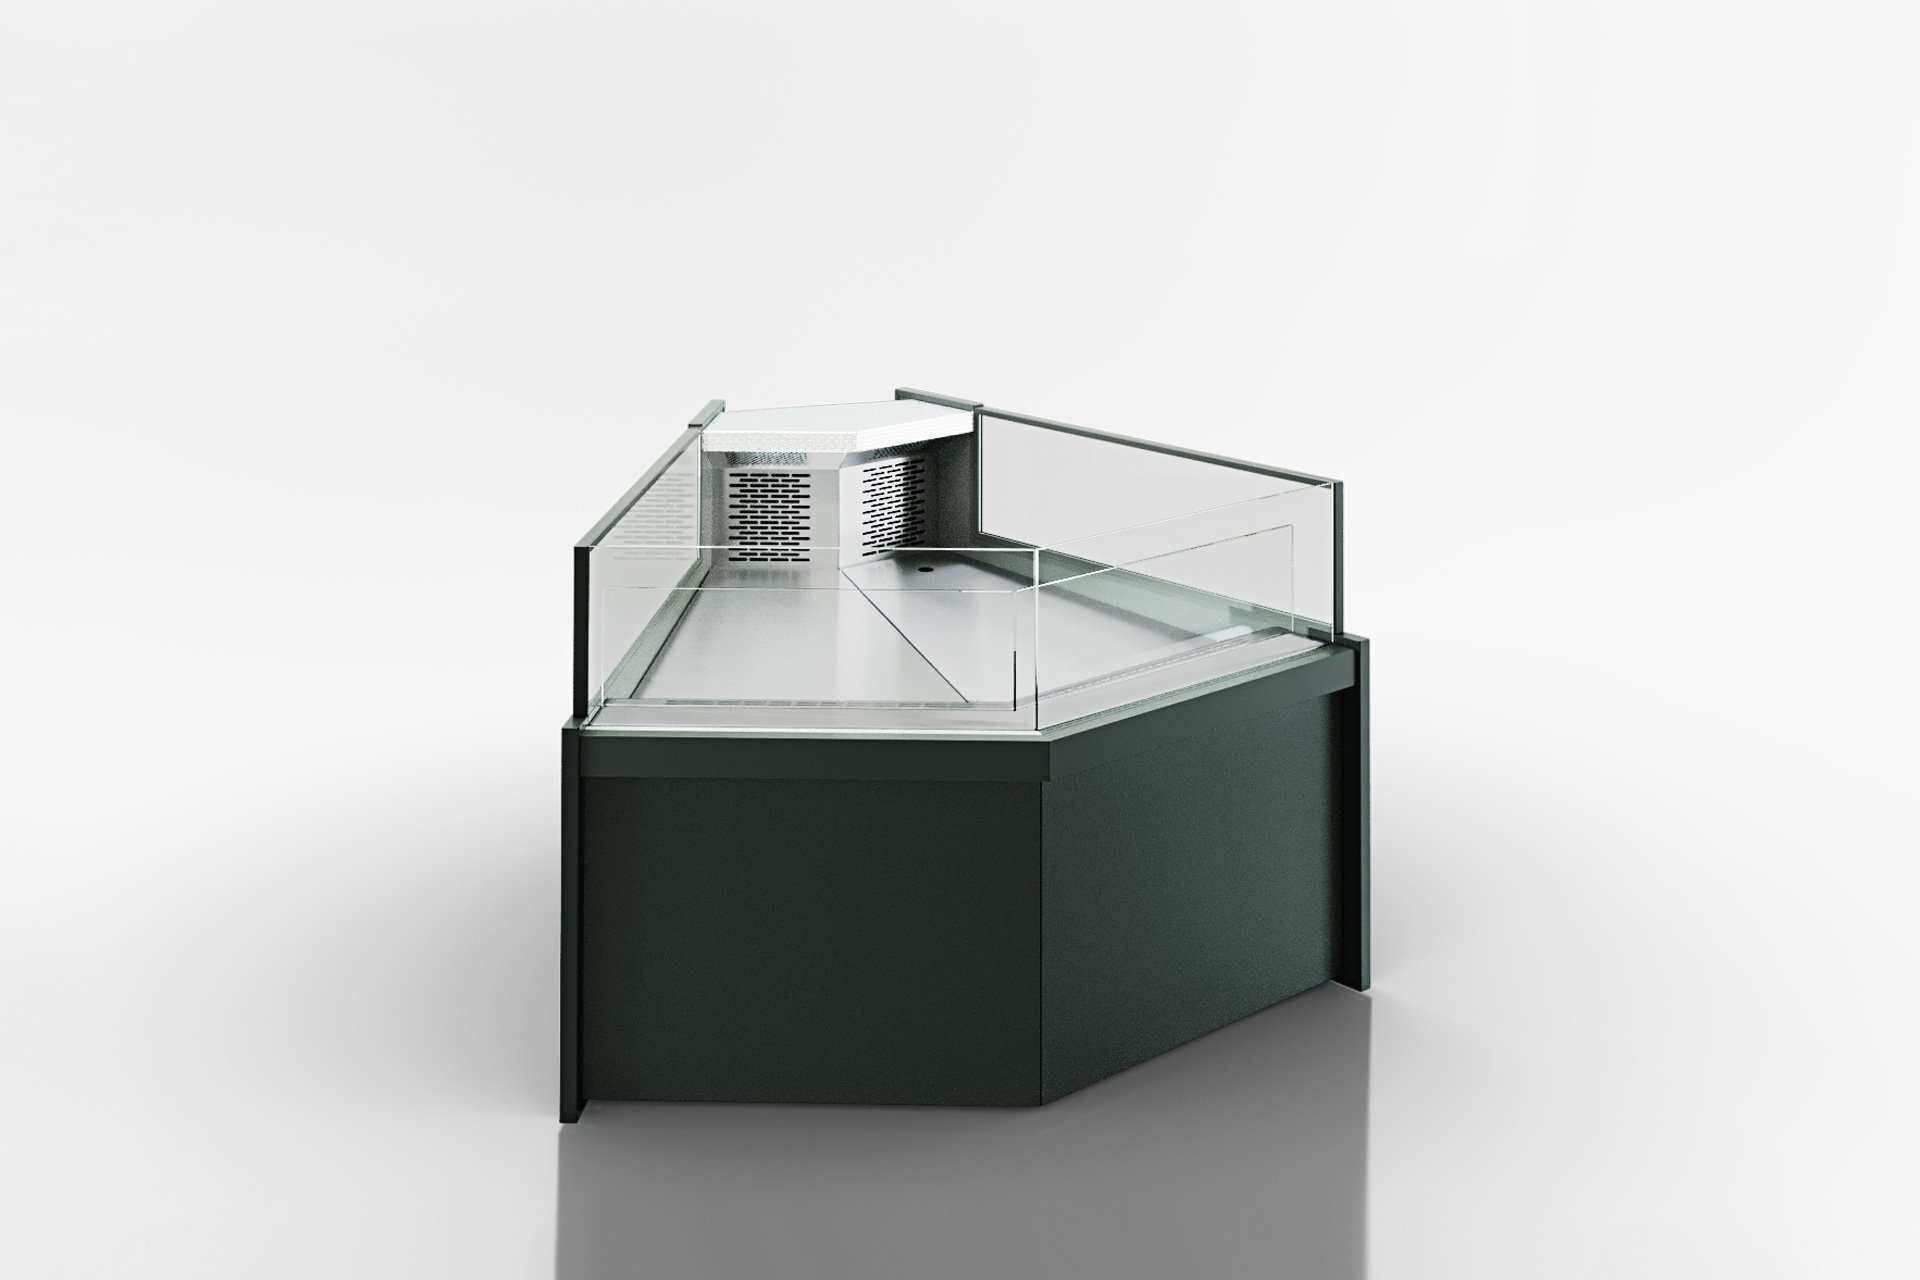 Eckelemente der Kühlfenstern Missouri сold diamond MC 126 self 084-DBM